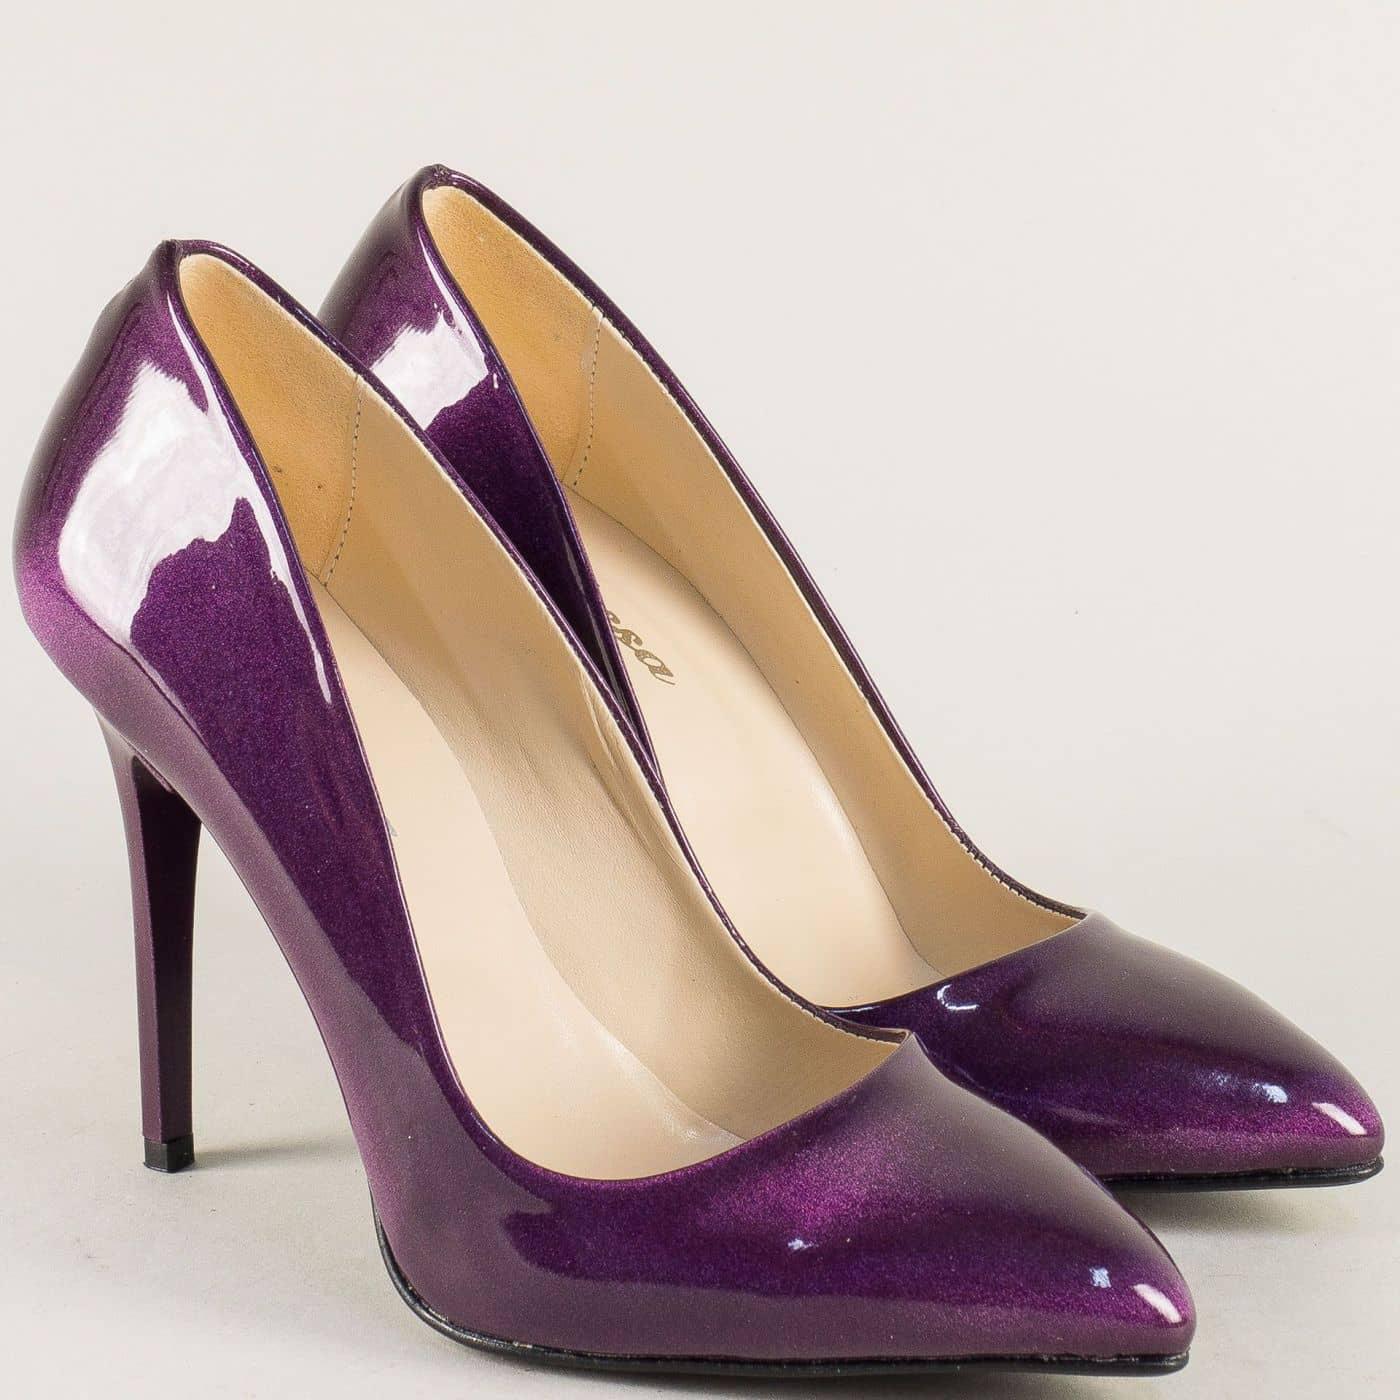 aed82239d13 Дамски обувки стилето на елегантен висок ток в лилаво 5596lsl - Sisi-bg.com